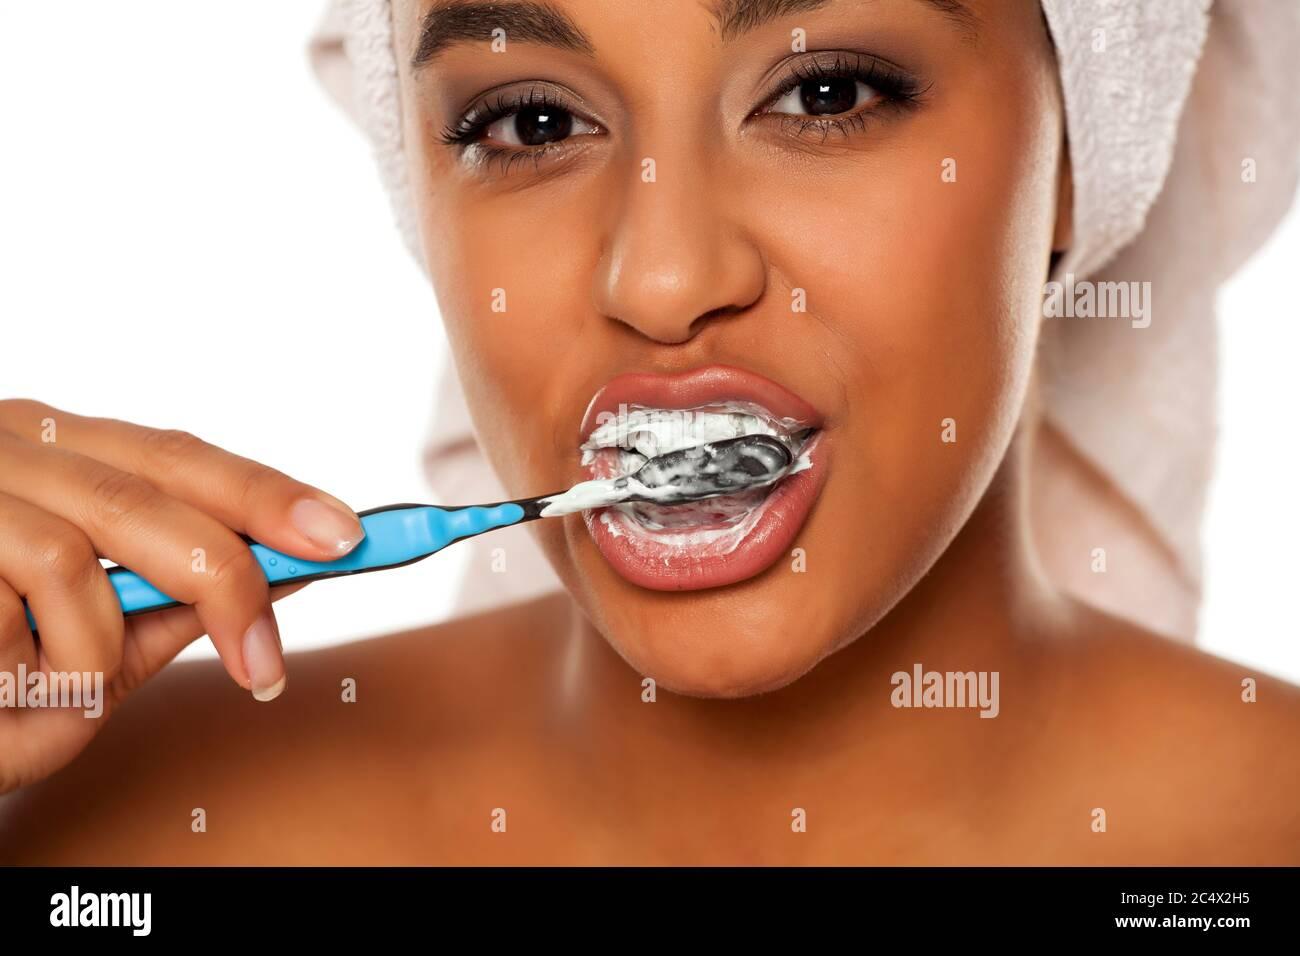 Busty Raquel Brushing Teeth